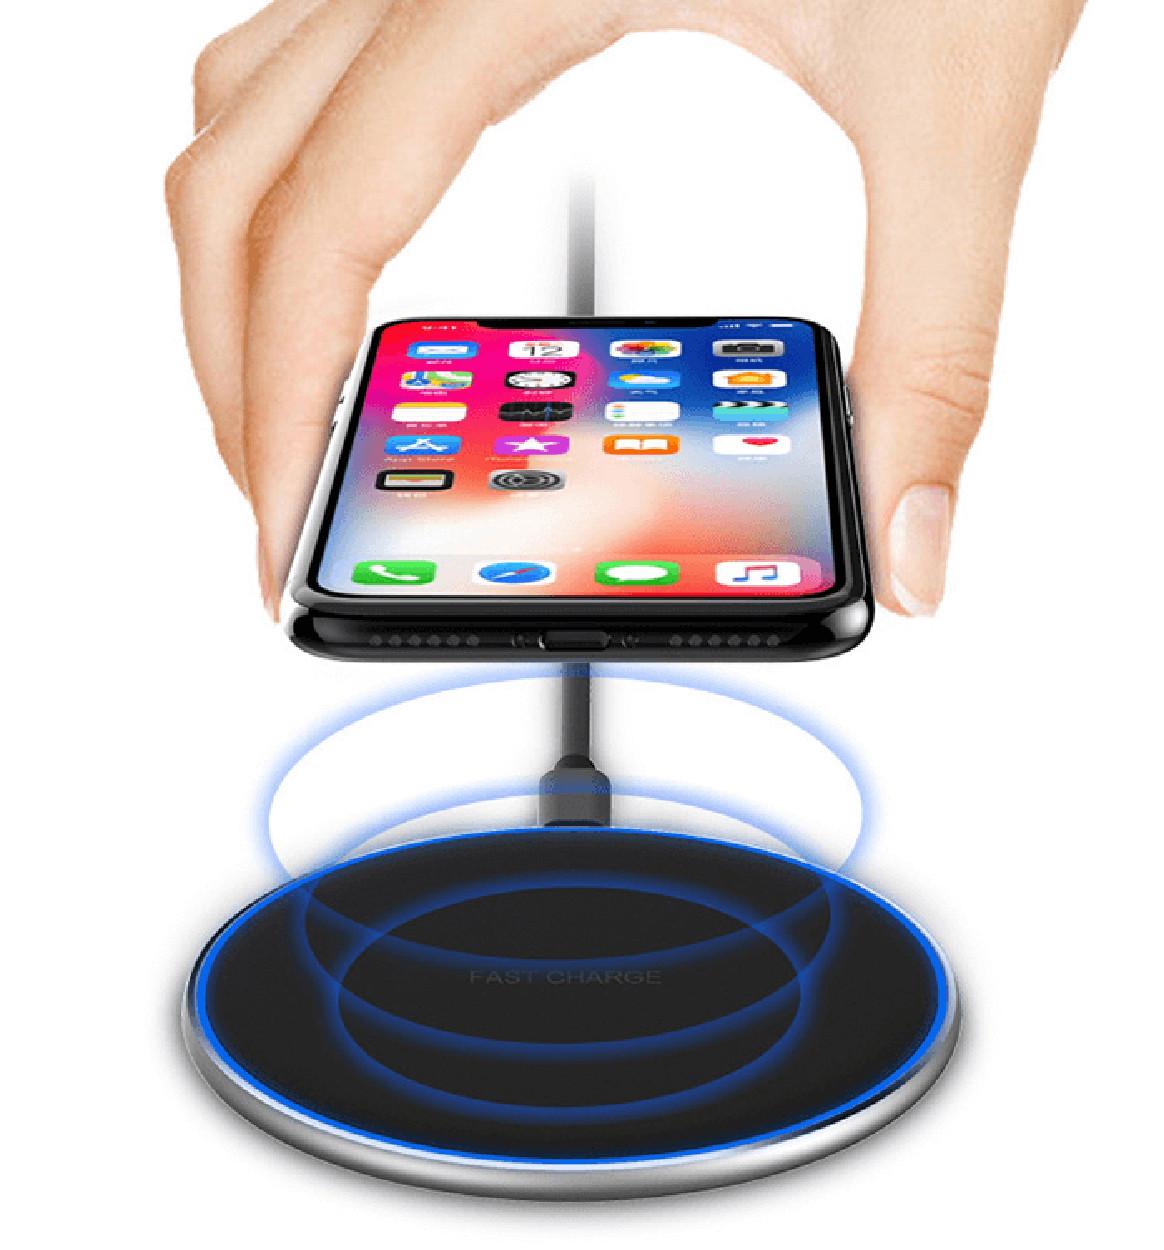 Беспроводное зарядное устройство Wi-smart Fast 2 Qi для телефона, наушников Iphone, Android с LED подсветкой